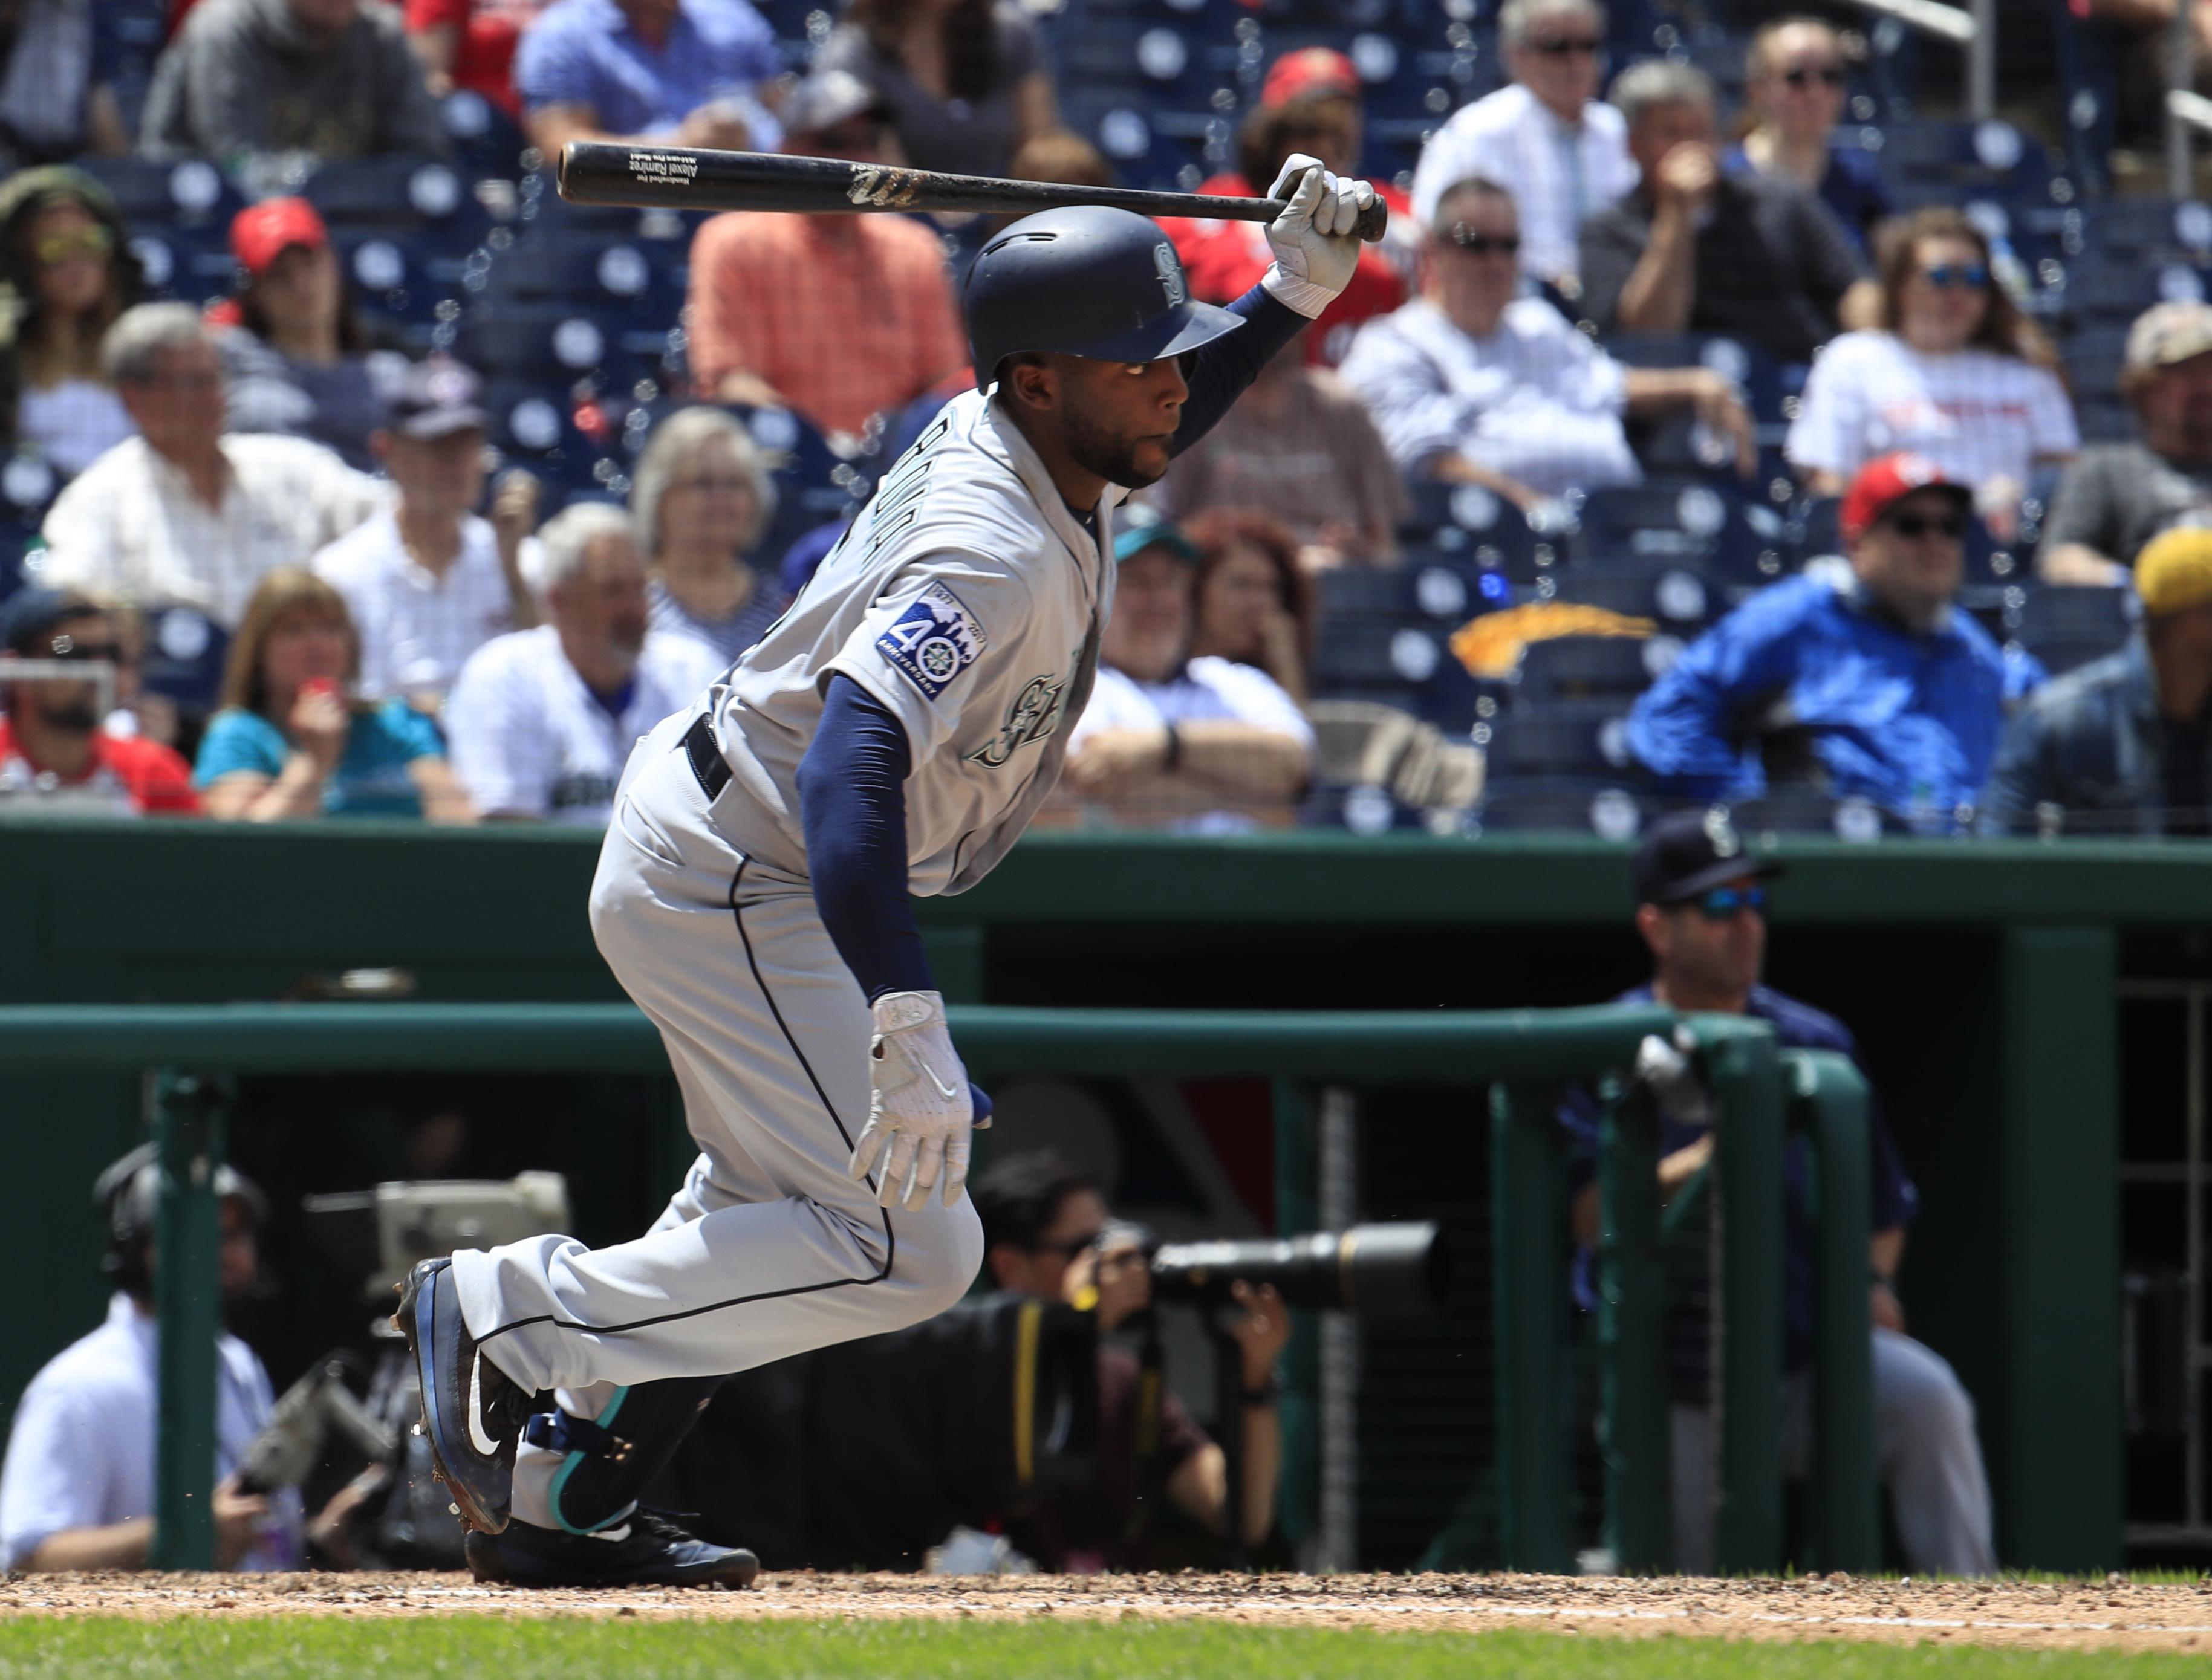 Mariners_nationals_baseball_51448.jpg-51962